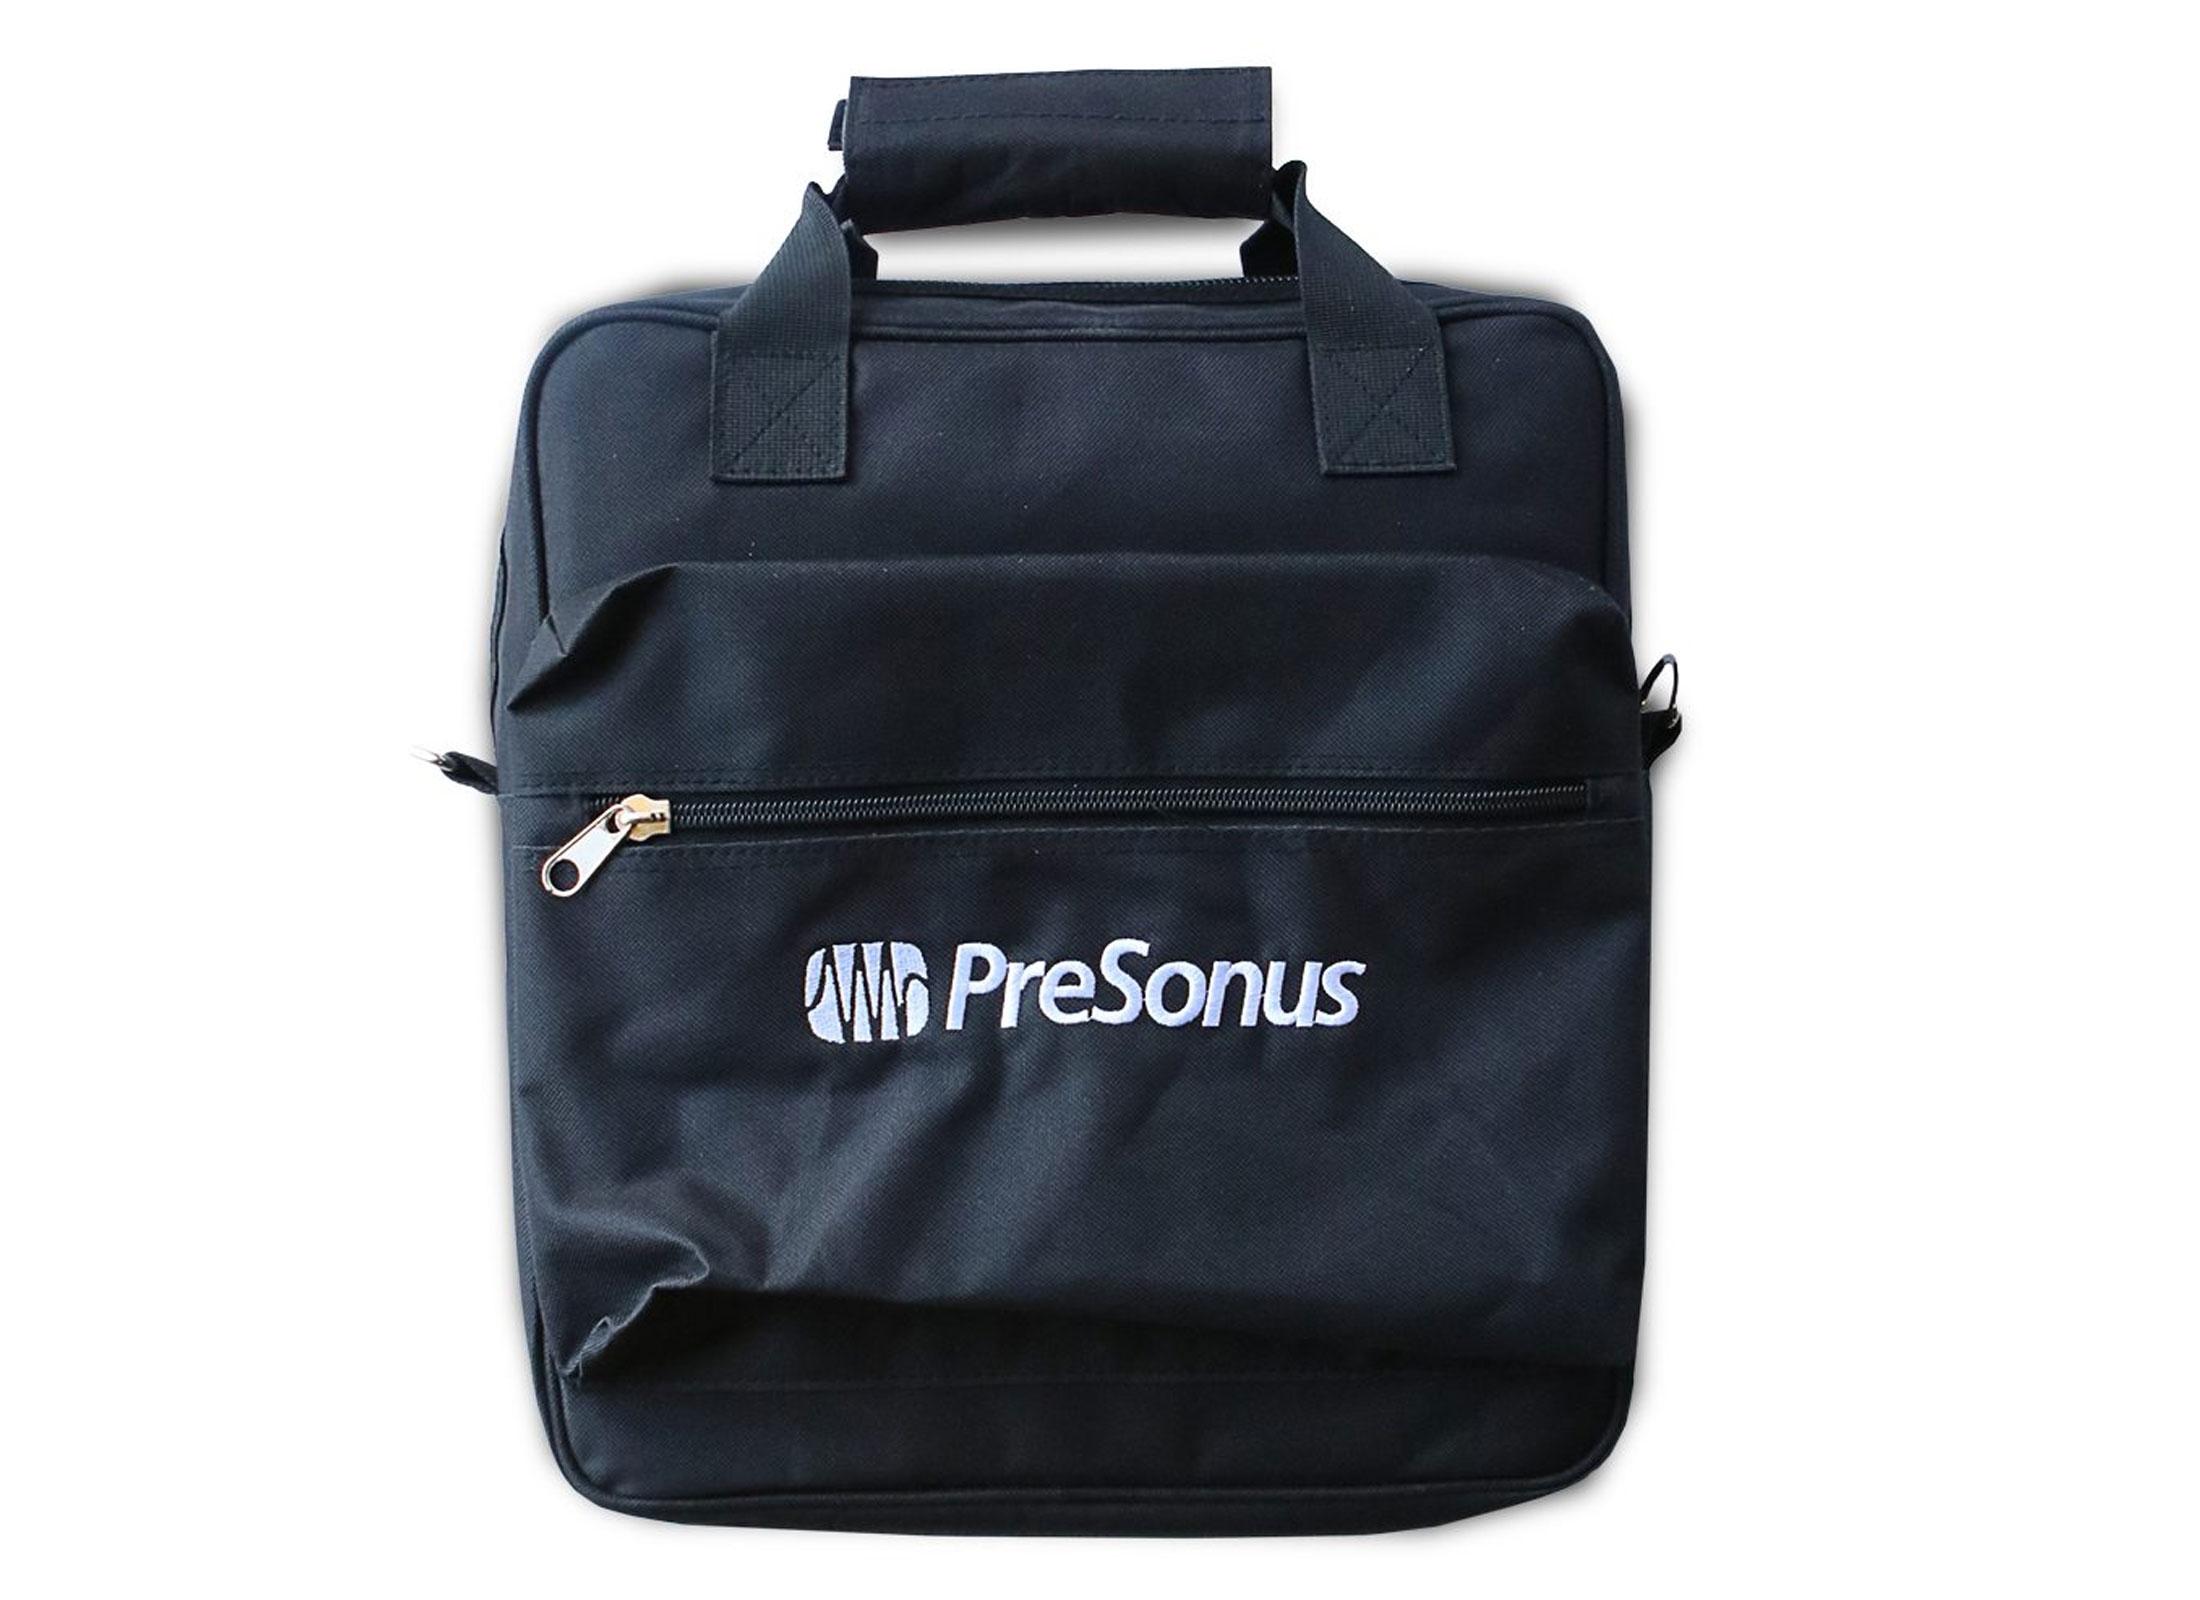 7f27ca4052cc2 PreSonus Studiolive AR8 USB Mixer Shoulder Bag Online At Low Prices ...